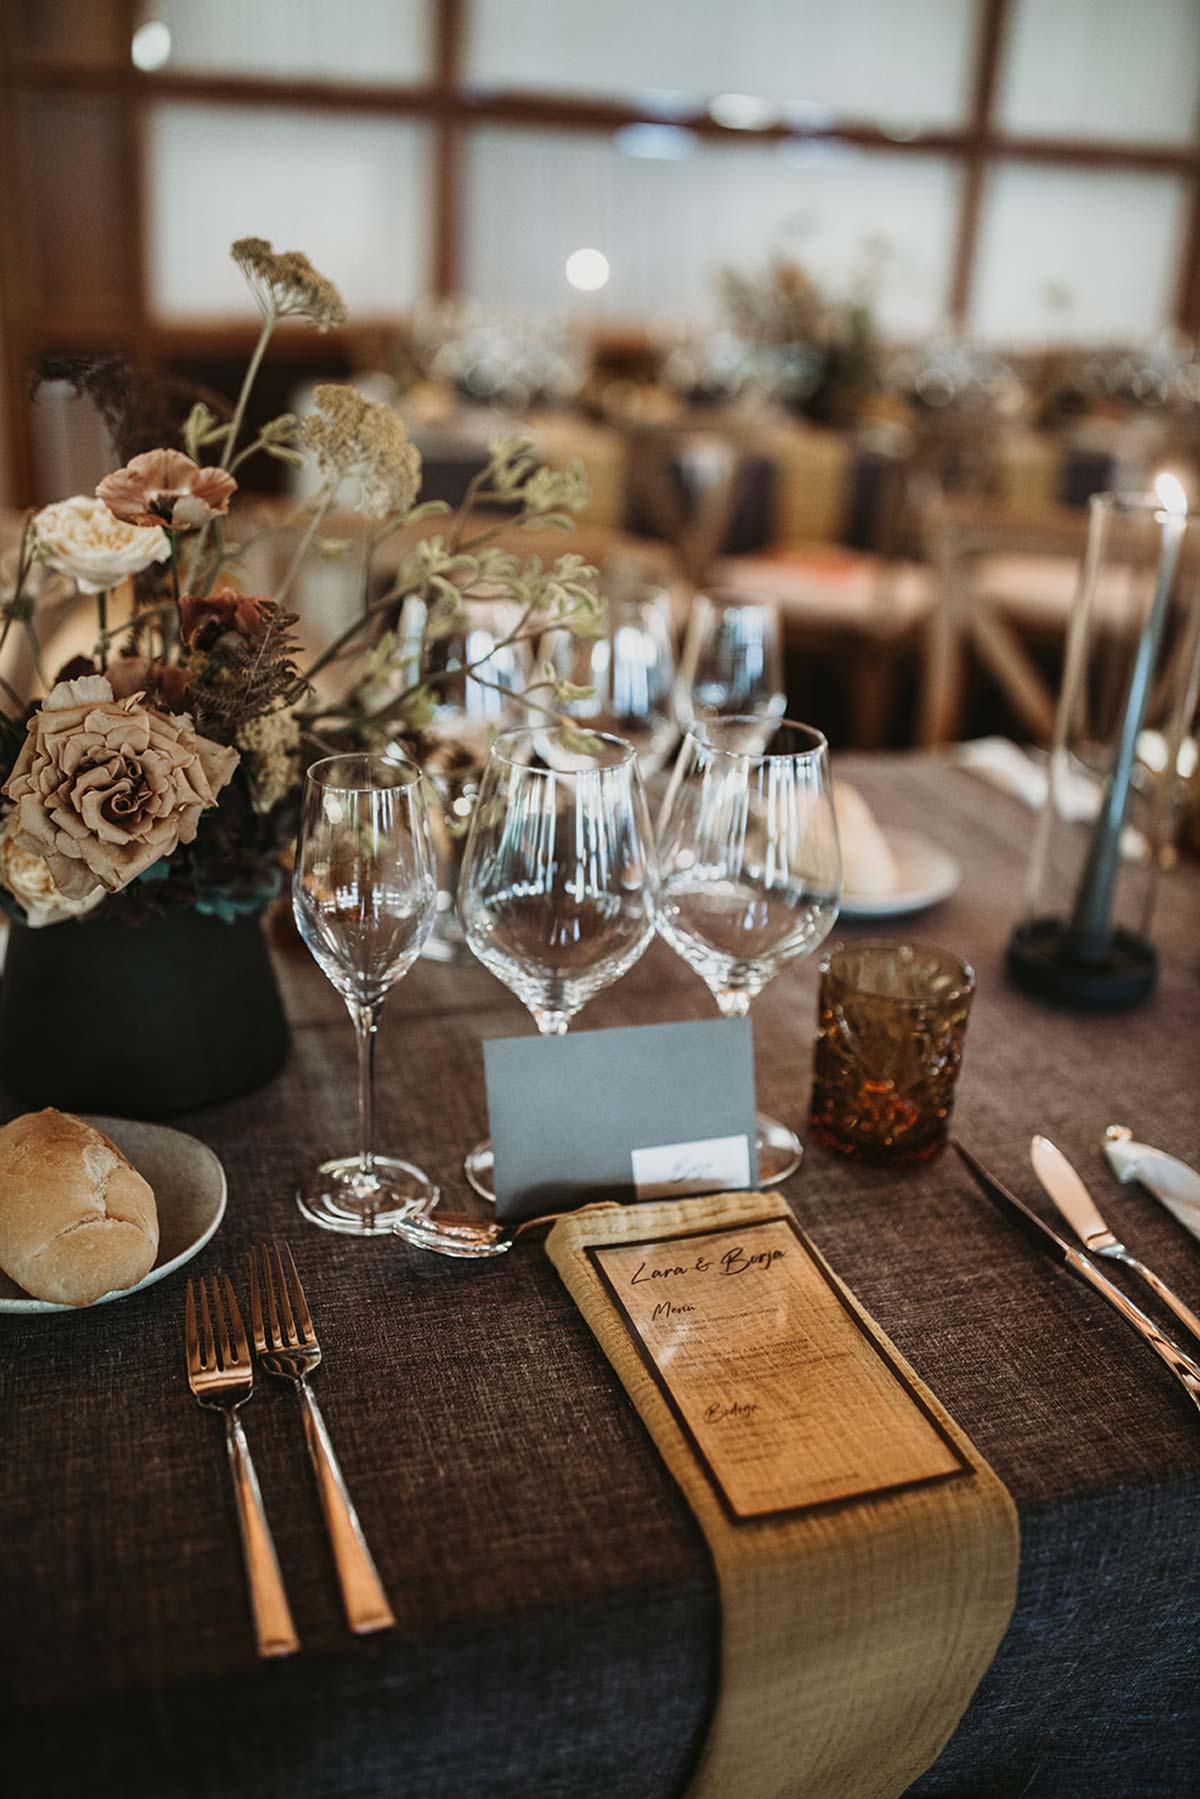 Boda de invierno Set de mesa mantel gris ocre marrón